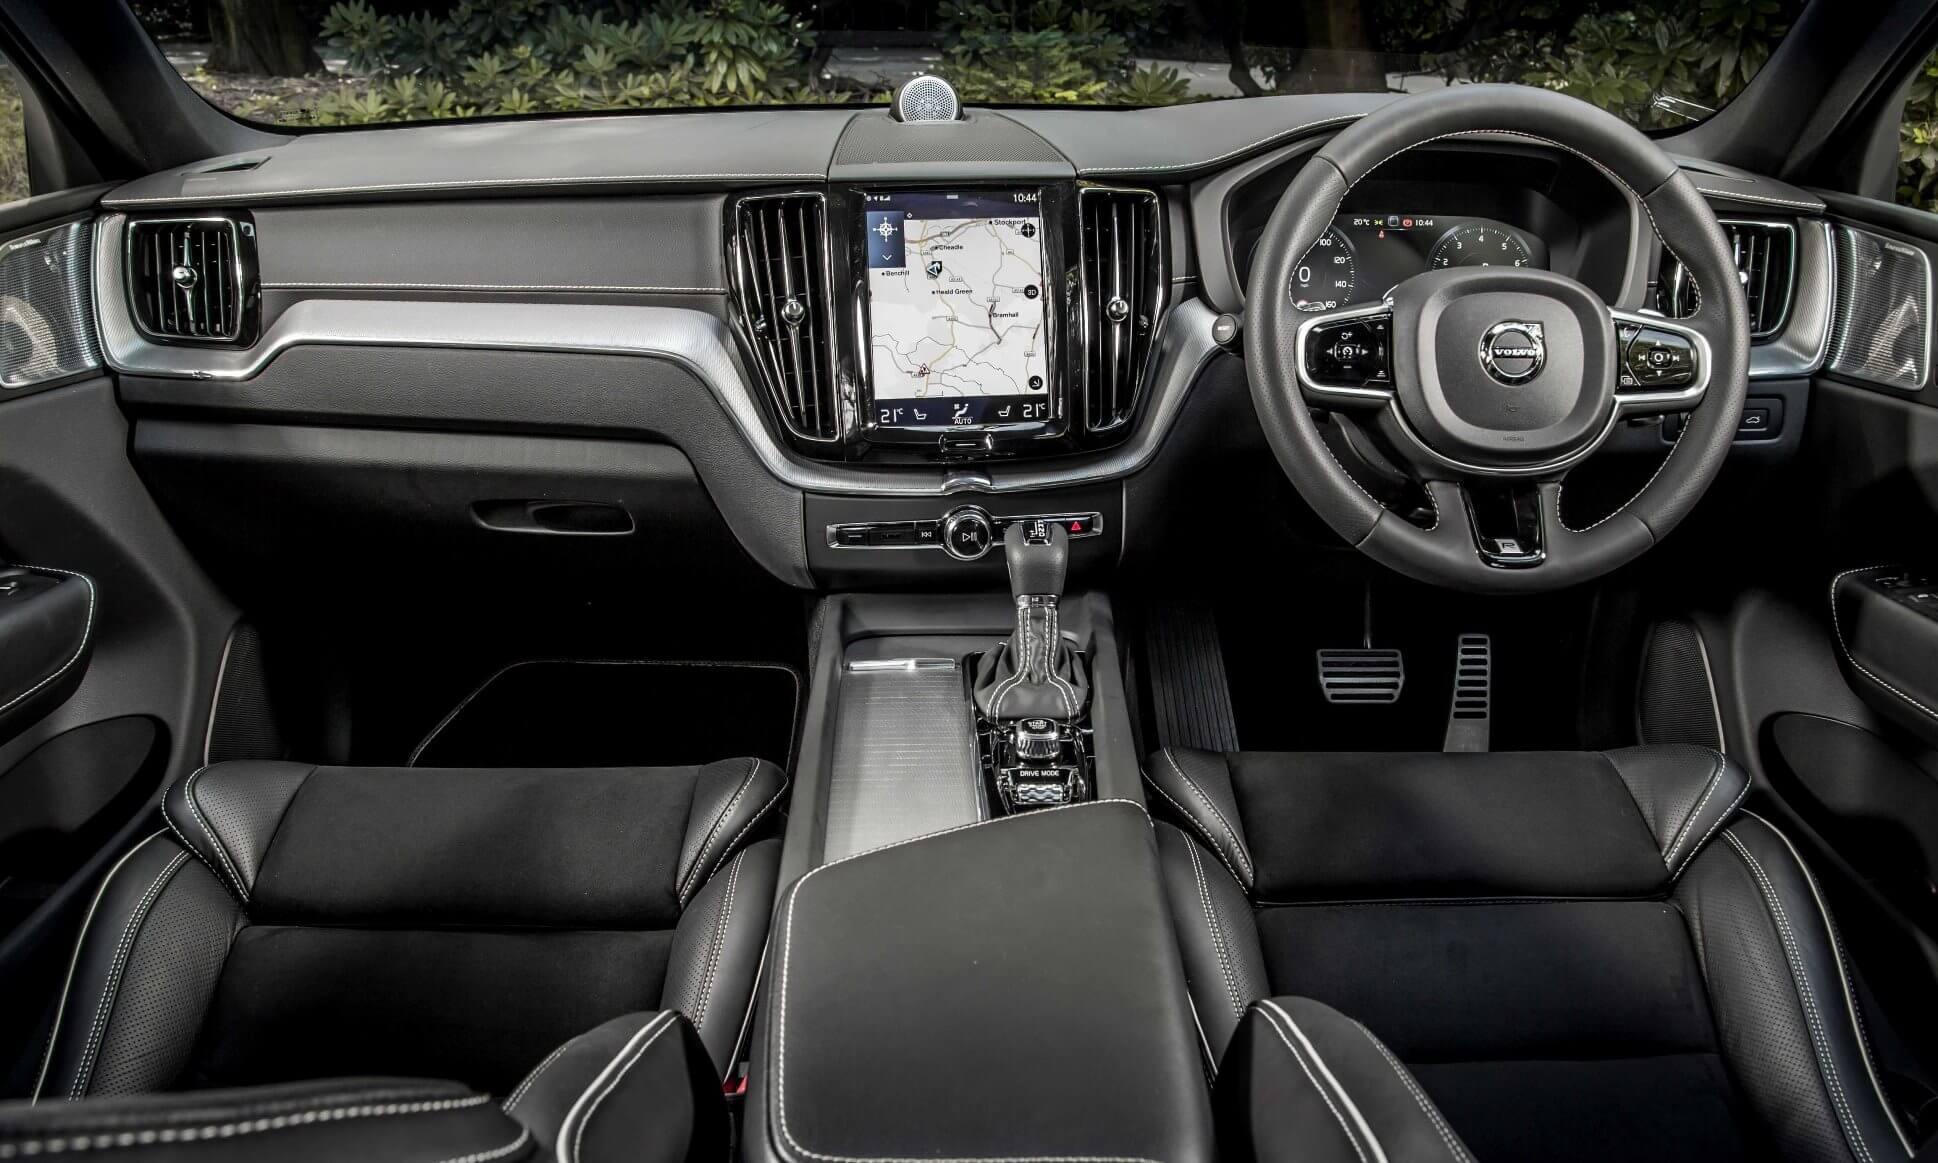 Volvo XC60 T6 R-Design interior